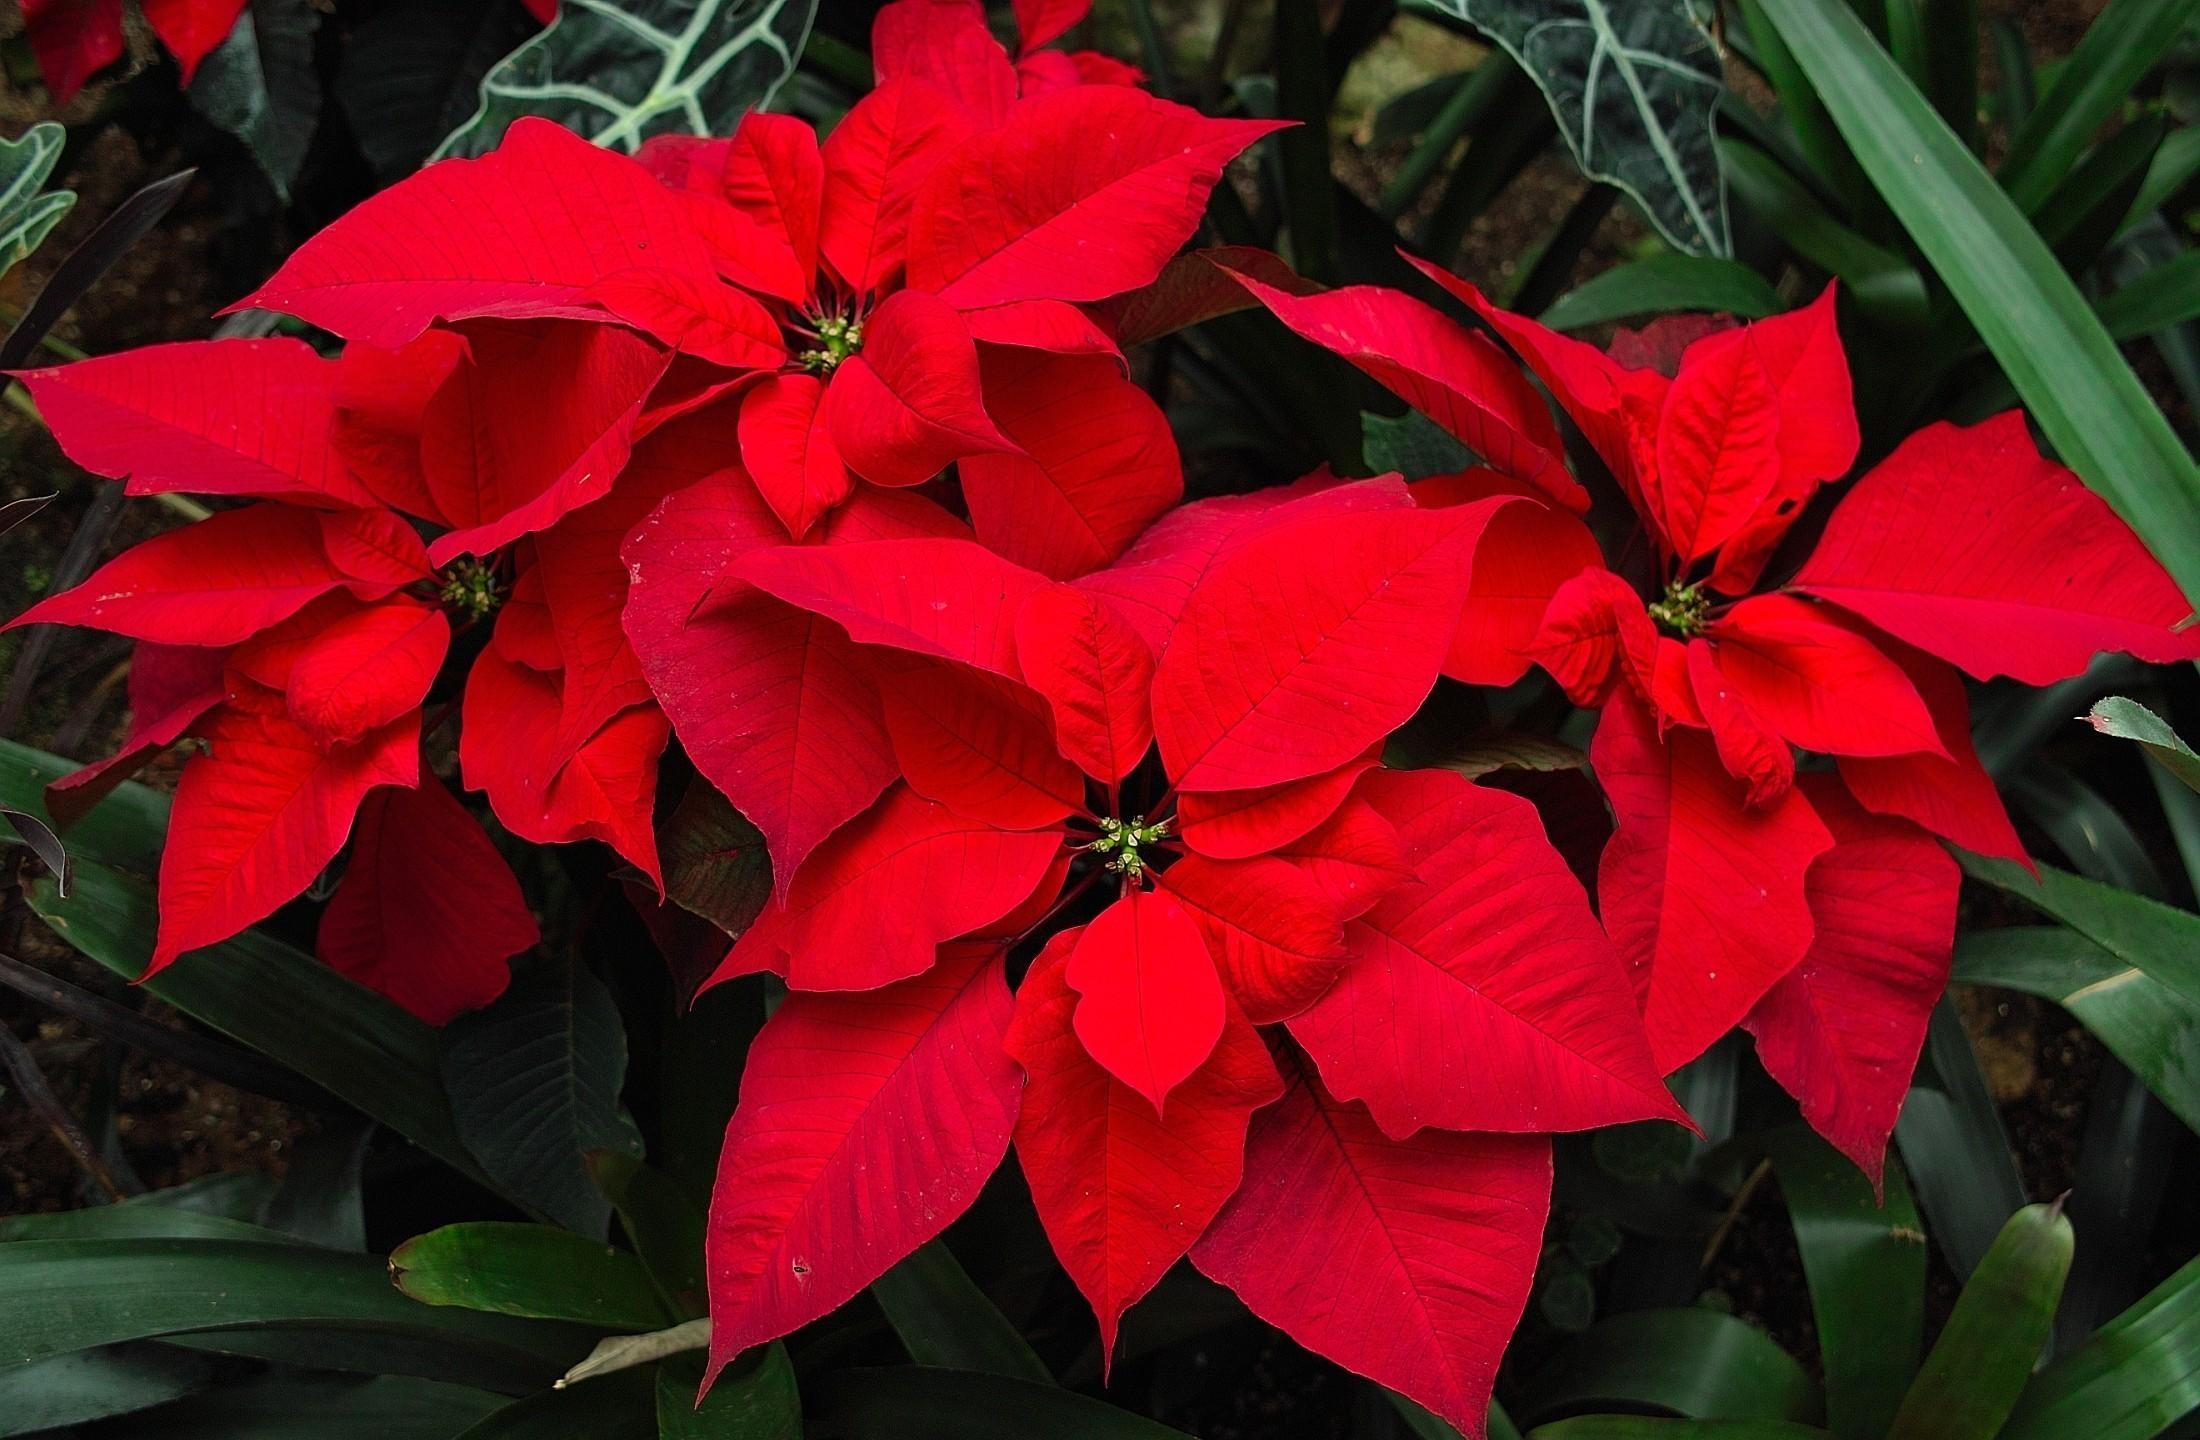 Цветок пуансетия - пересадка, уход и размножение 57